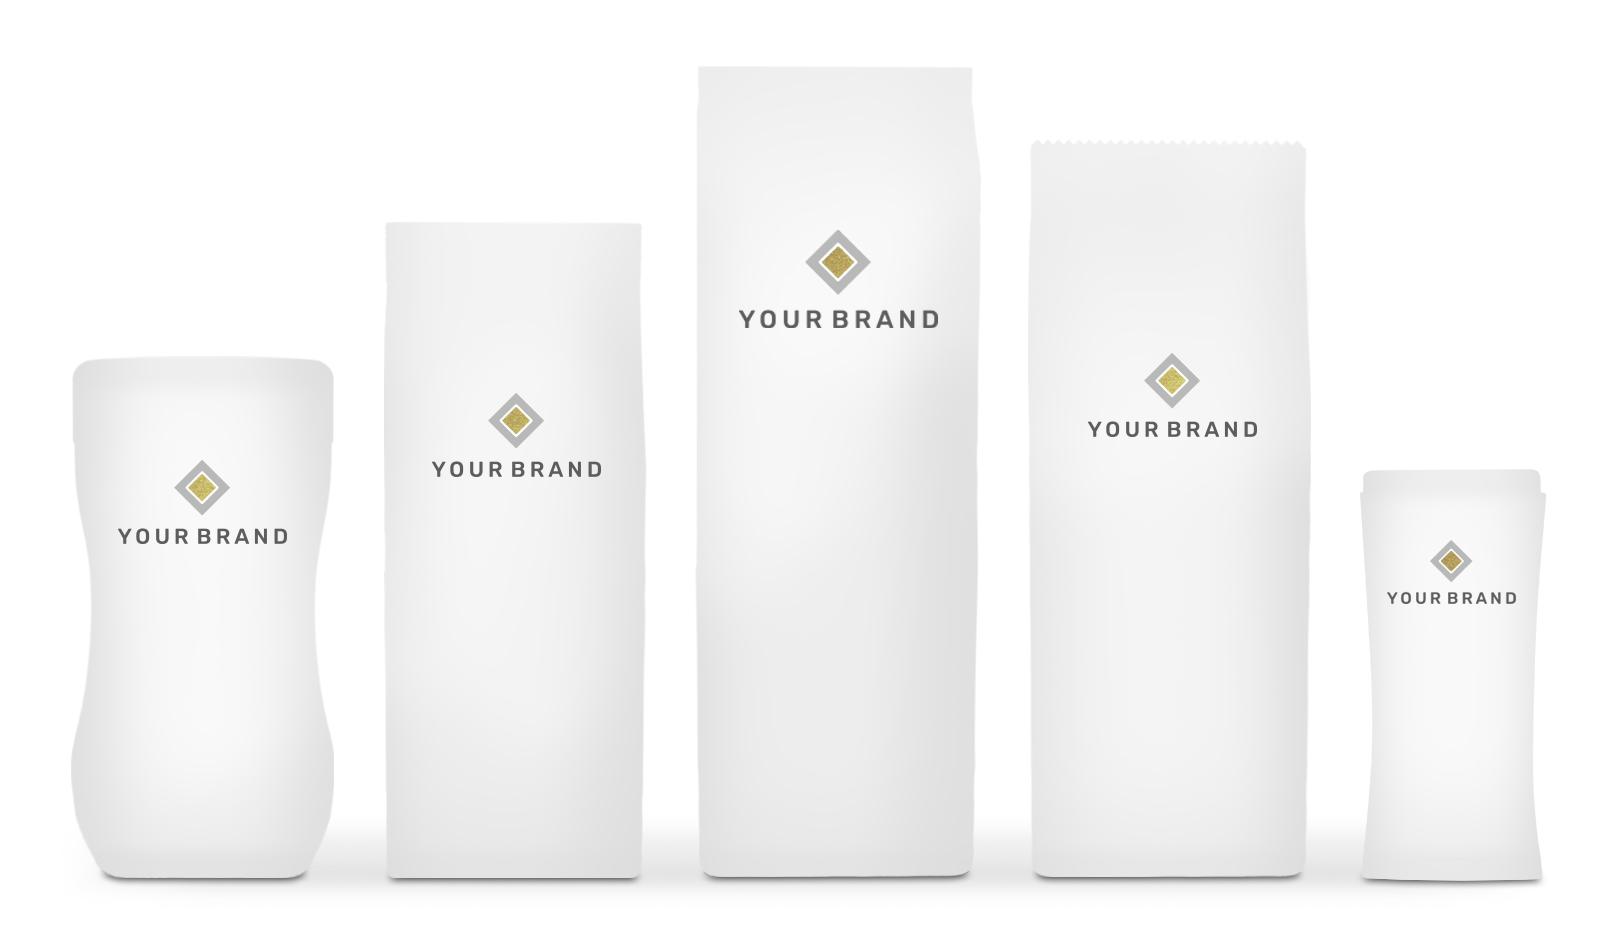 https://www.tsi.de/app/uploads/2019/06/TSI_Instant_yourbrand.jpg